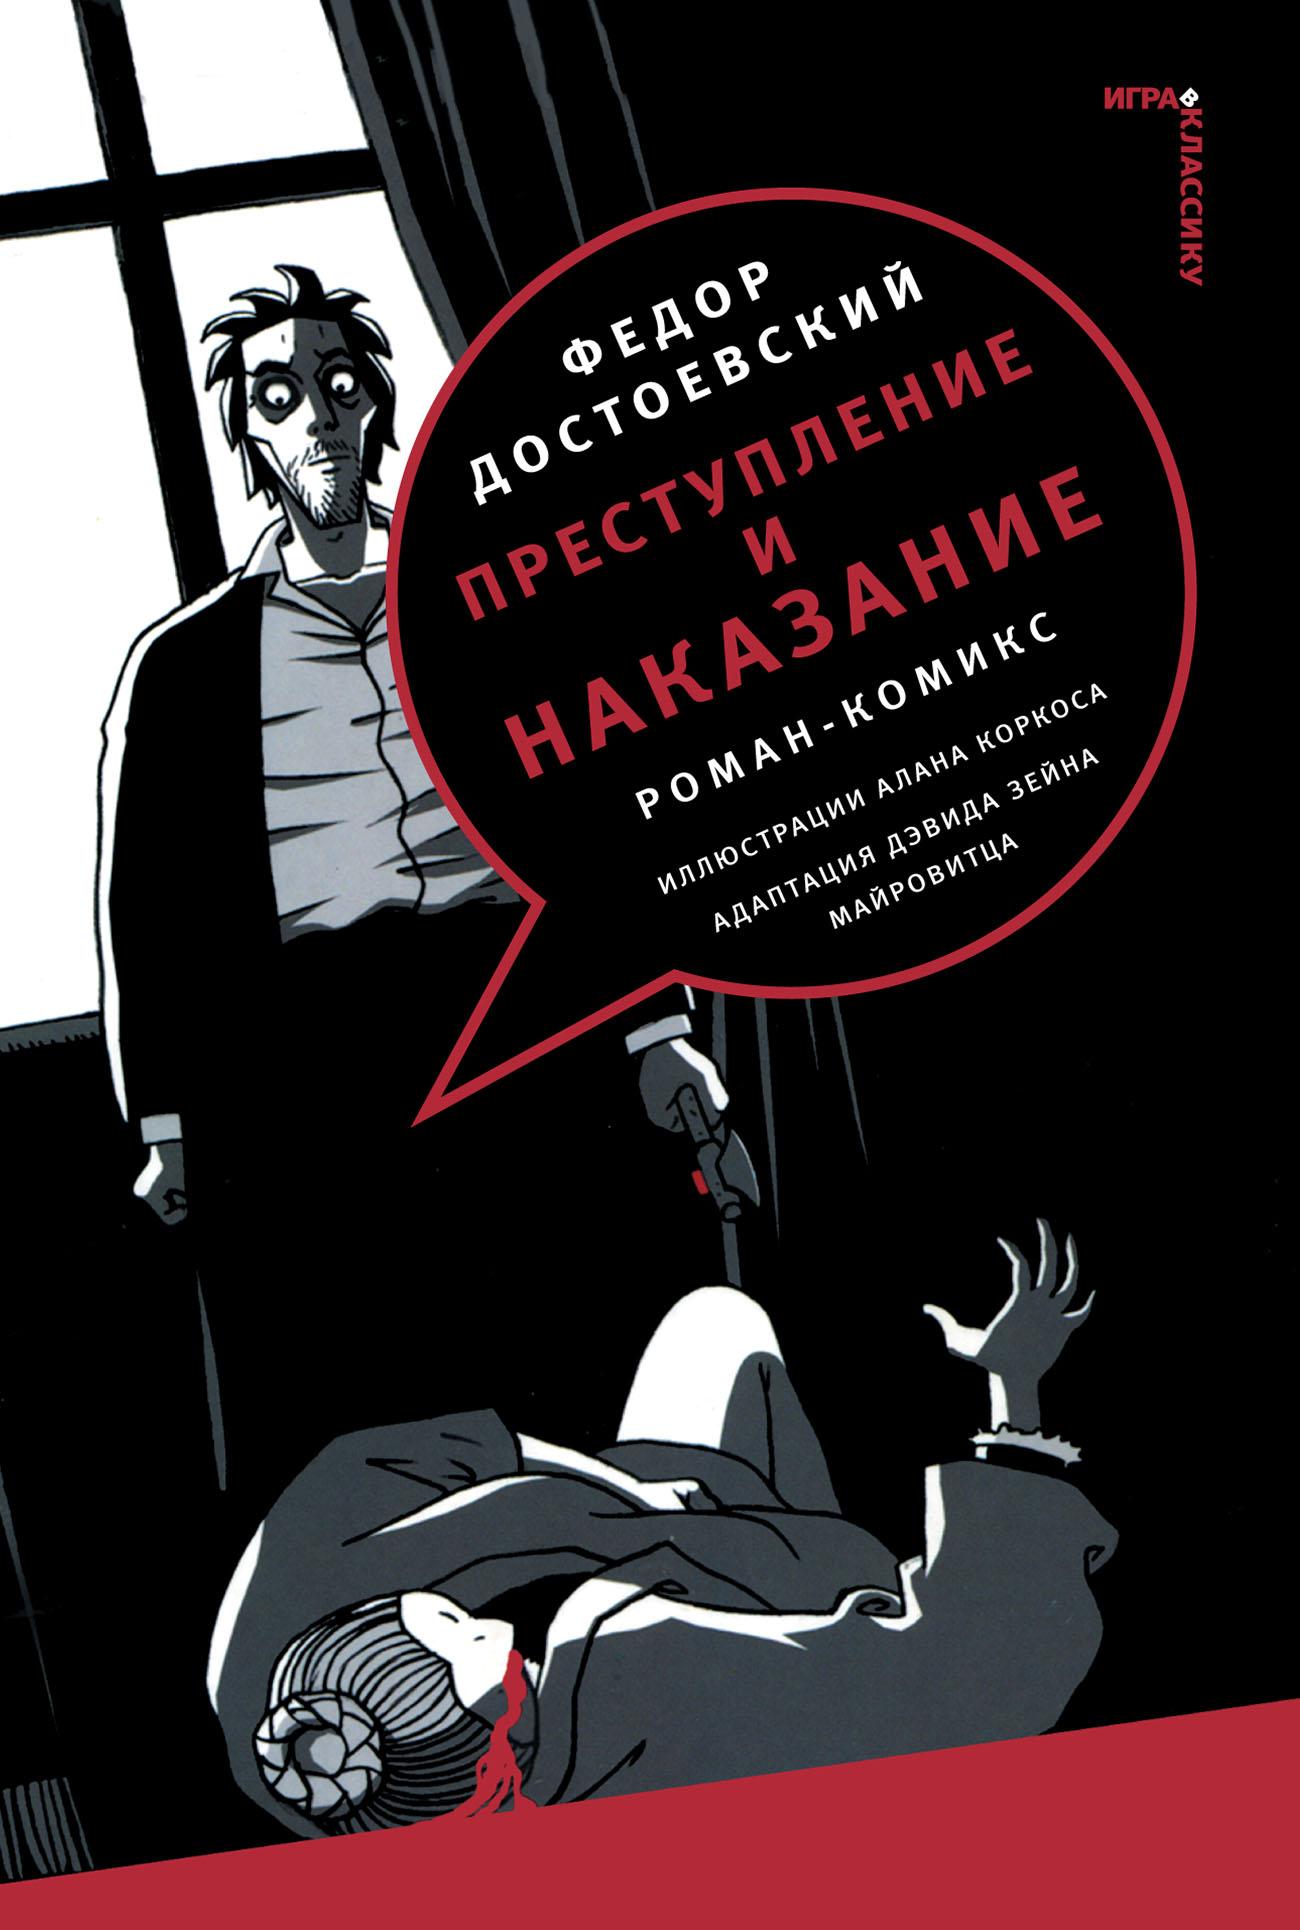 Федор Достоевский. Преступление и наказание. Роман-комикс